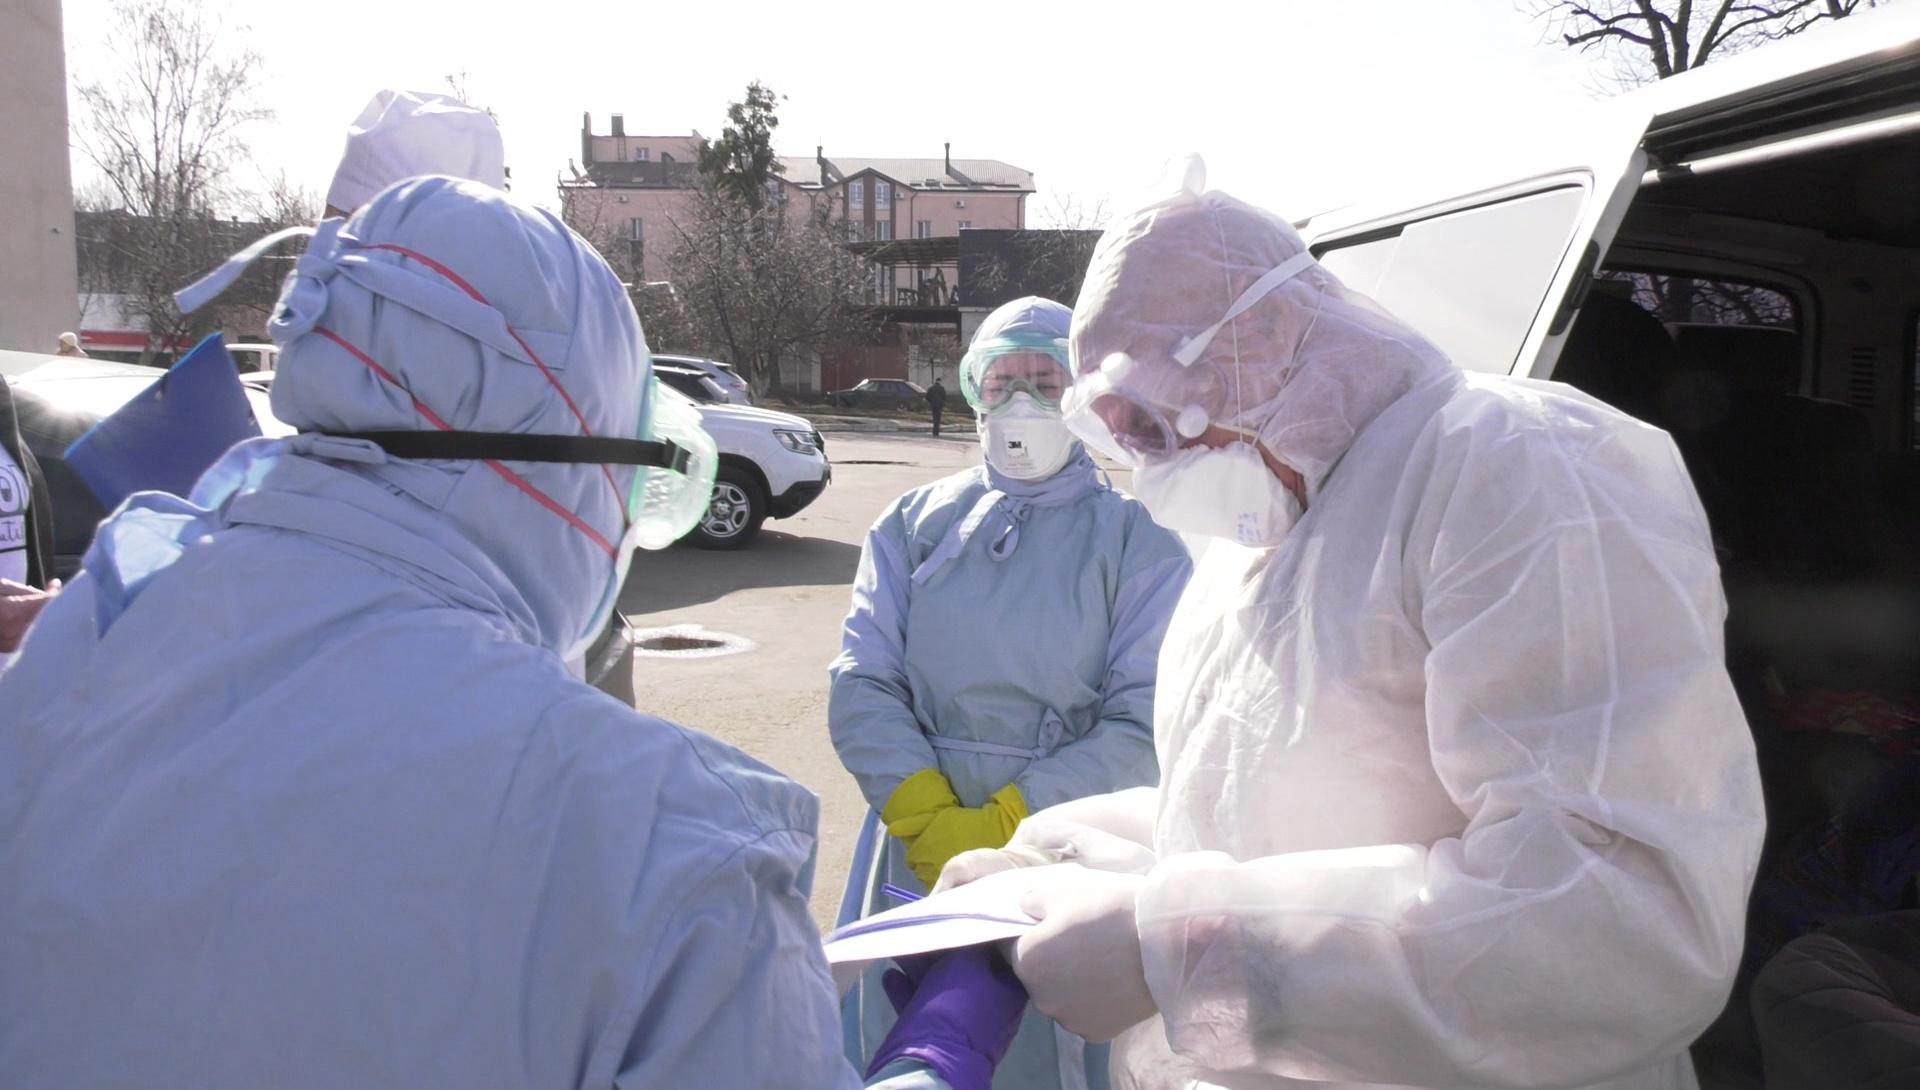 Міськрада попросить в уряду допомоги в лікуванні хворих на коронавірус